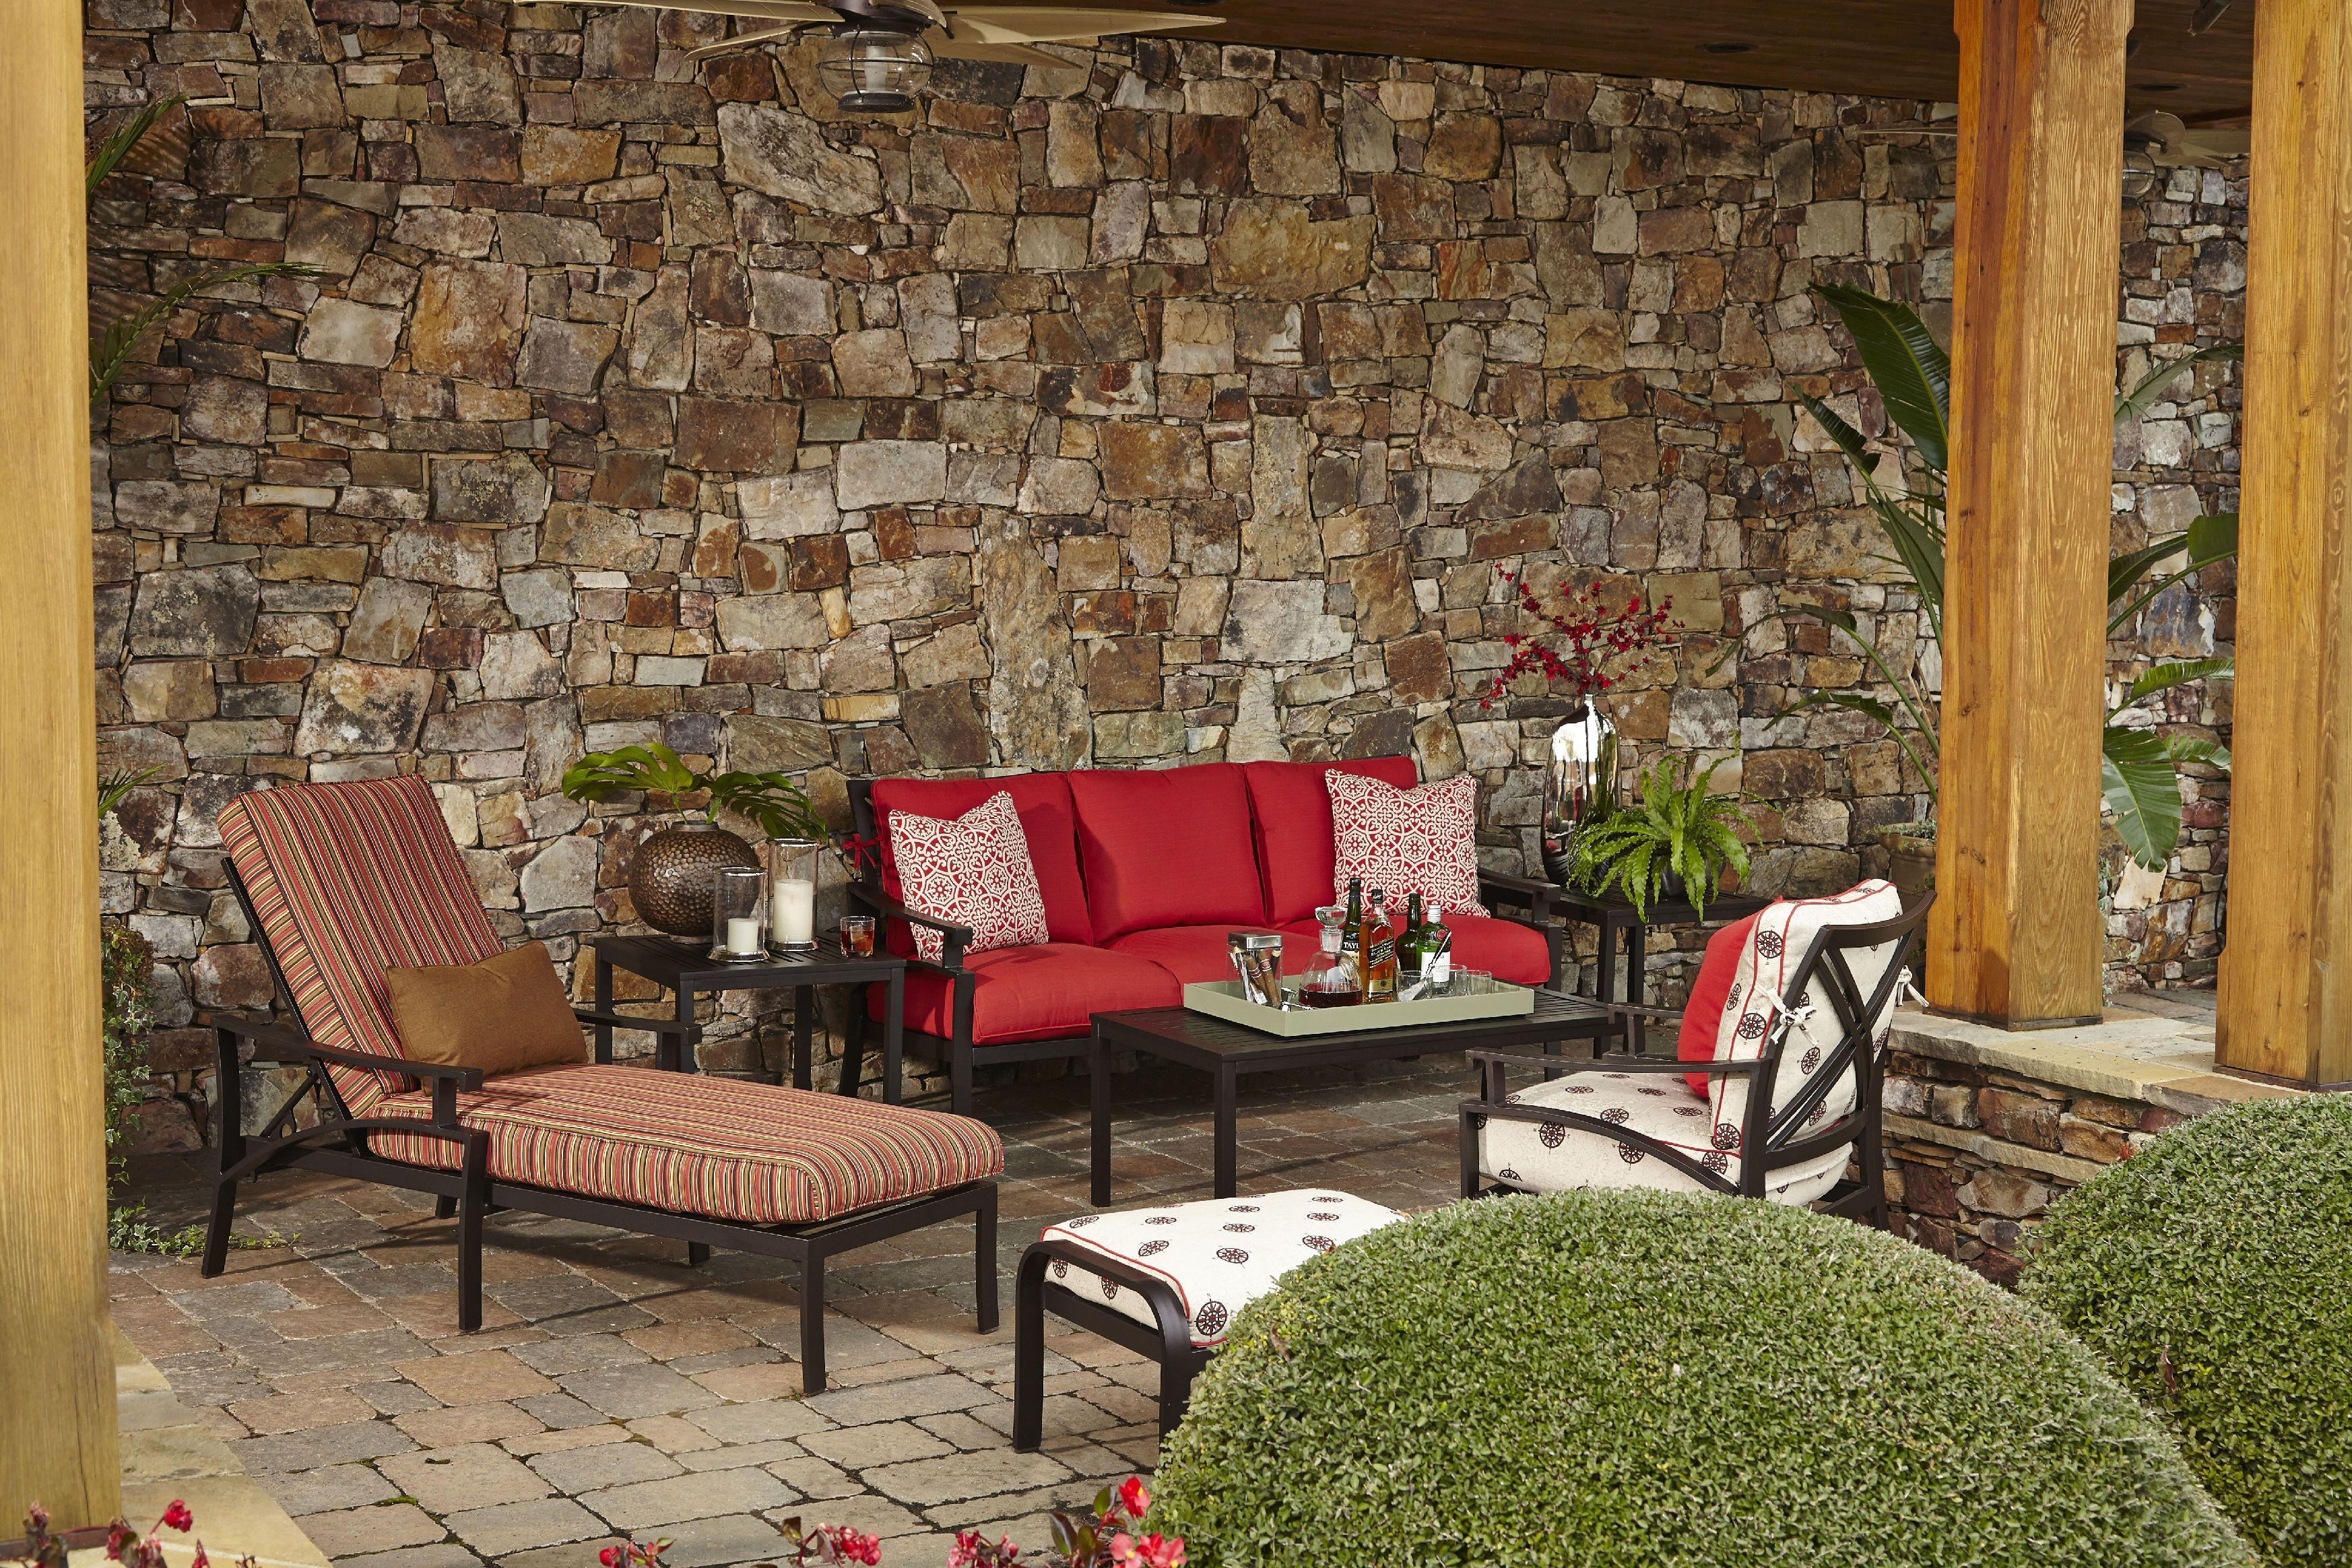 Klaussner Outdoor Outdoor/Patio Linder Chair W4100 CDR ...